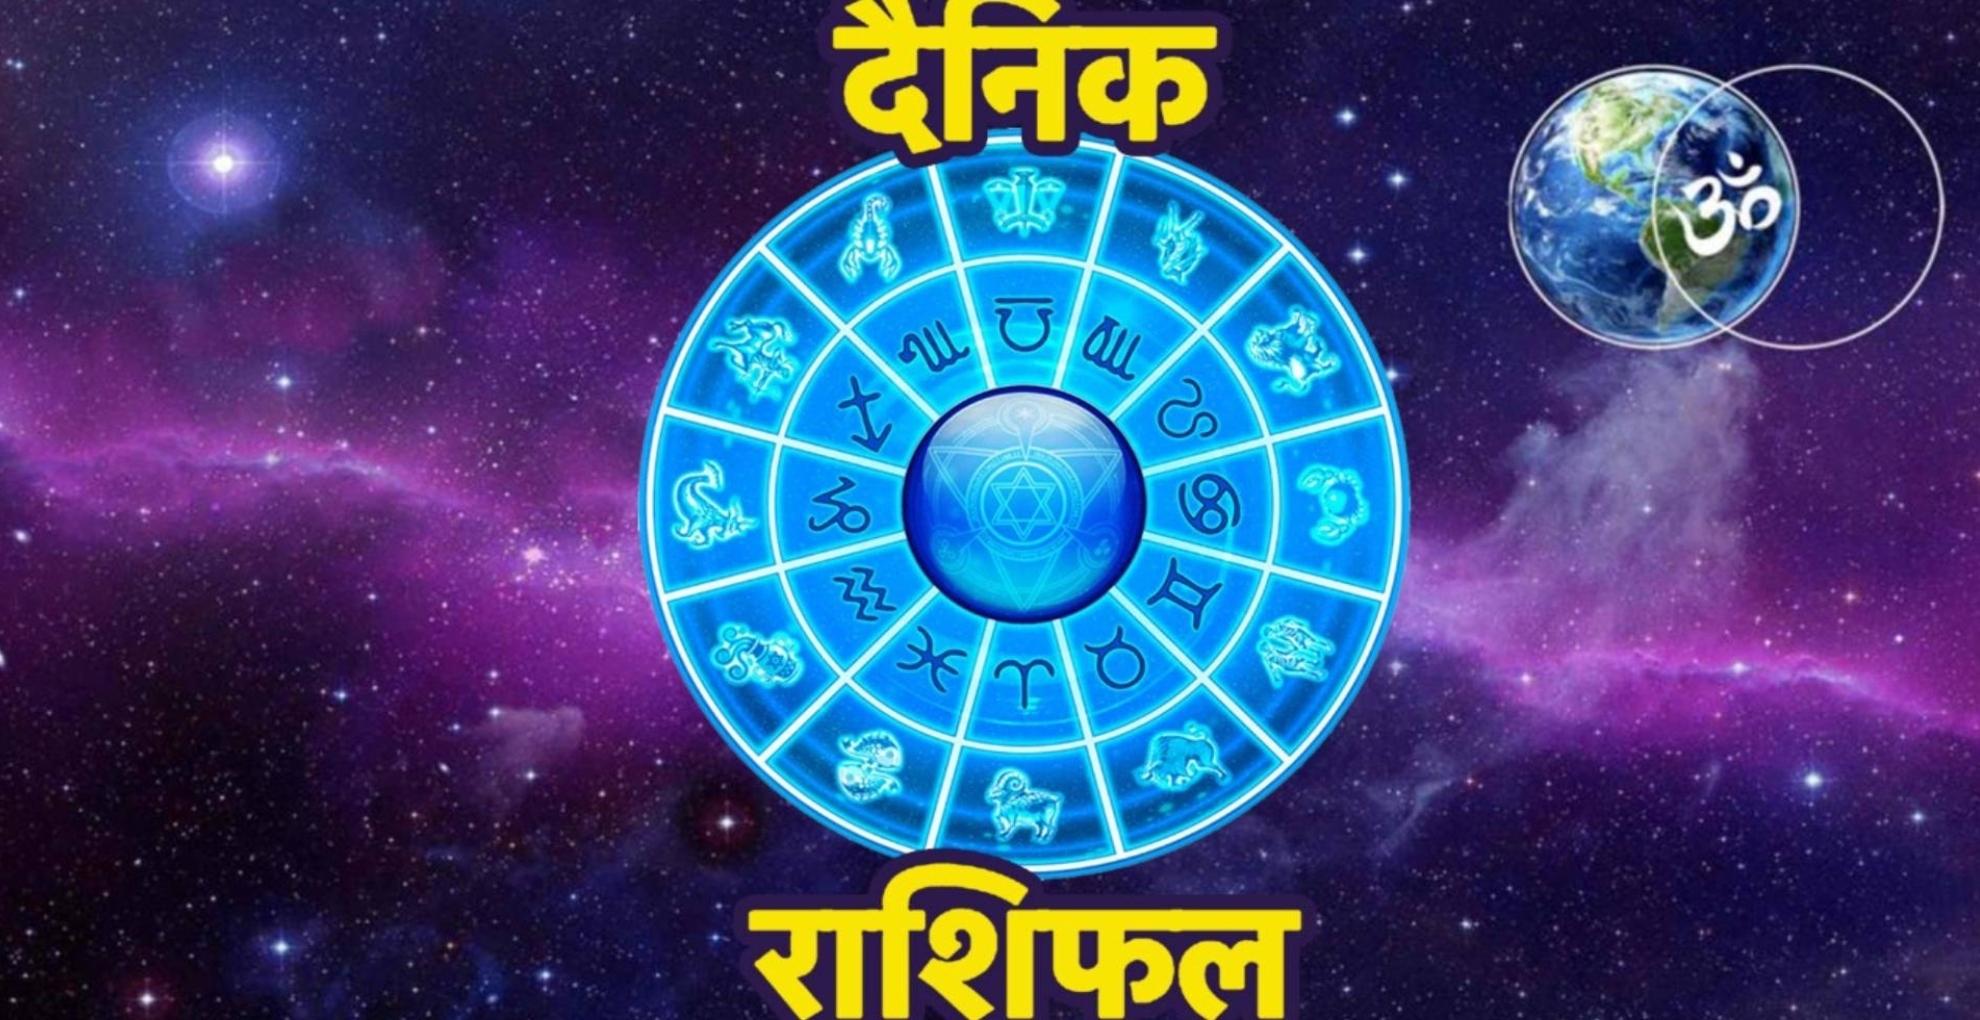 Daily Horoscope 30 August, 2019: कर्क-मकर राशि वालों को झेलनी पड़ेगी परेशानी, इन राशियों का बितेगा शानदार दिन